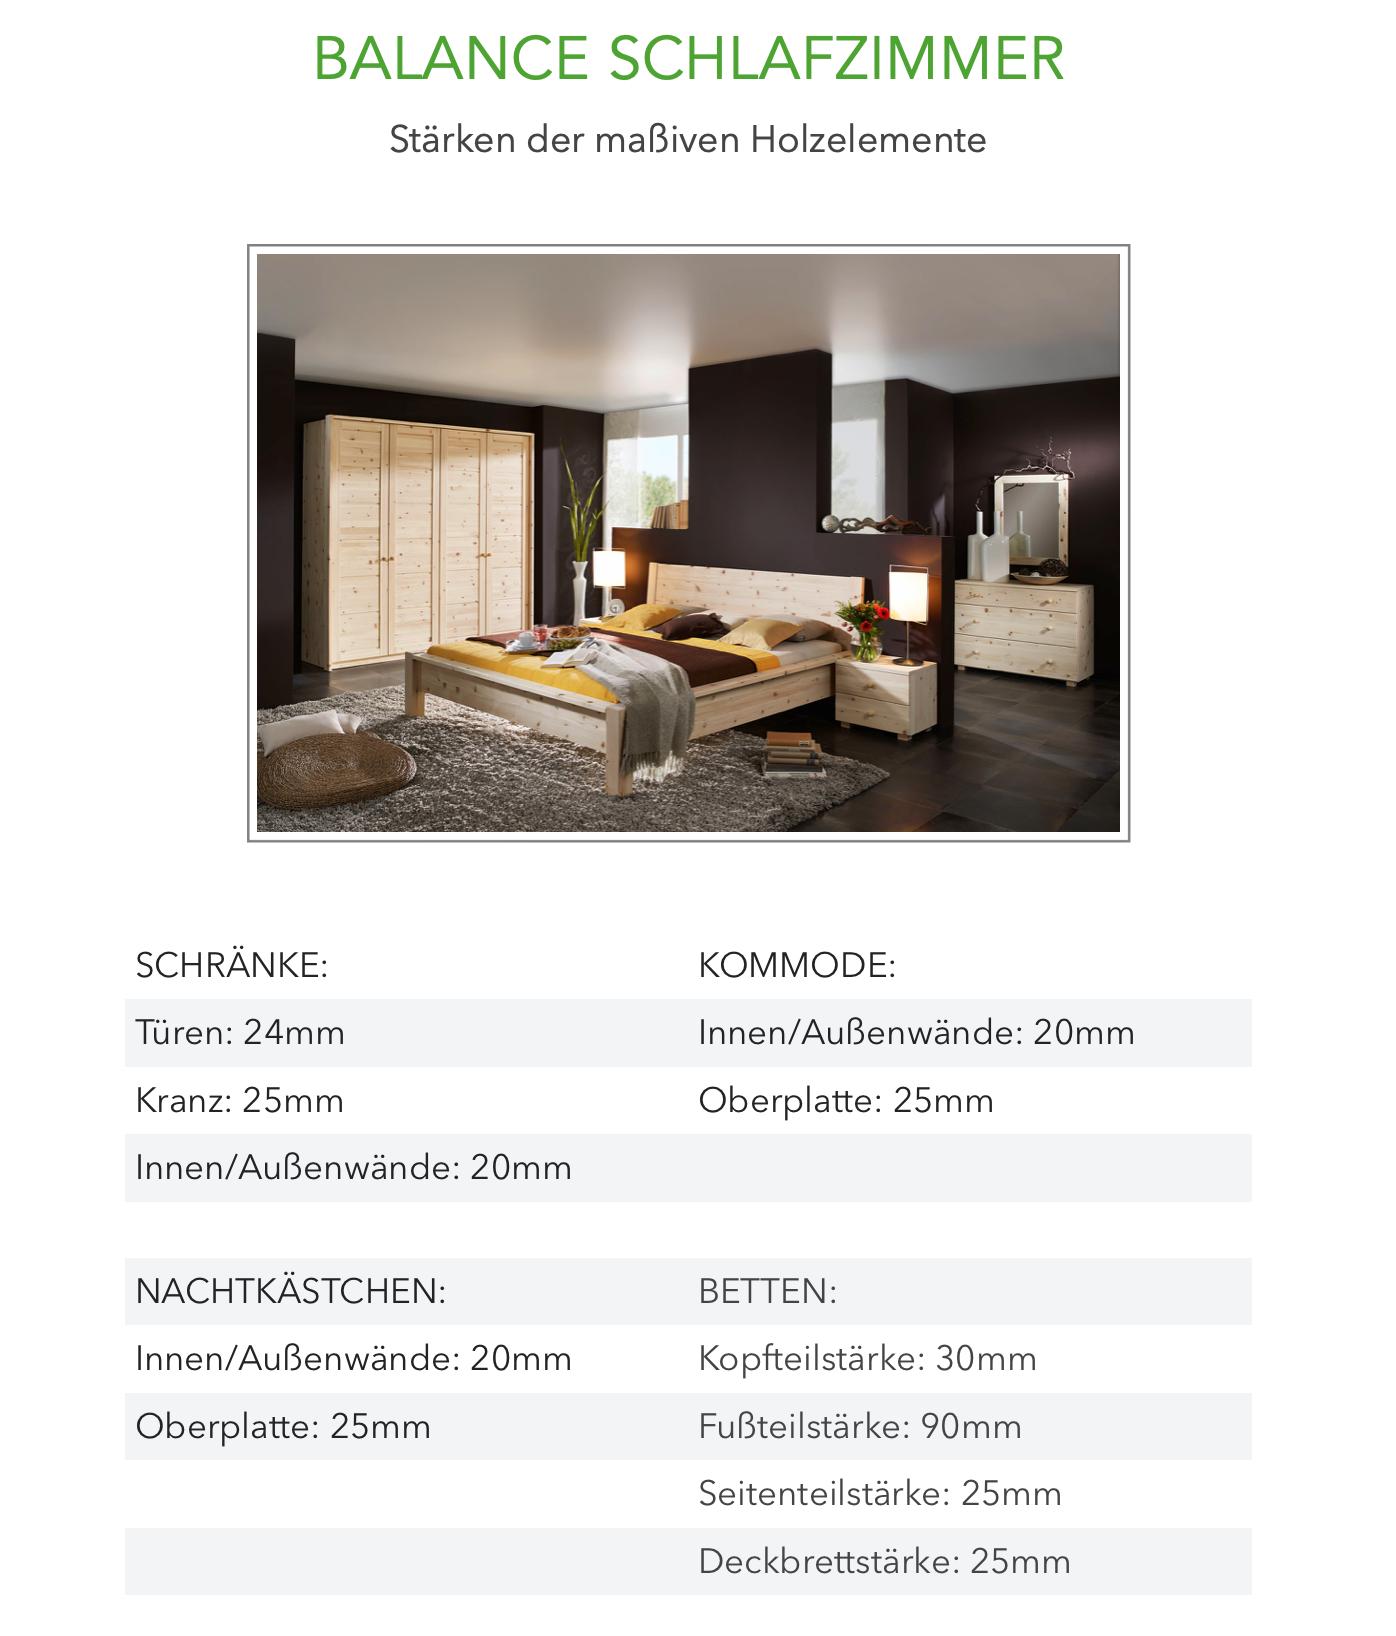 Balance Schlafzimmer aus Zirbenholz